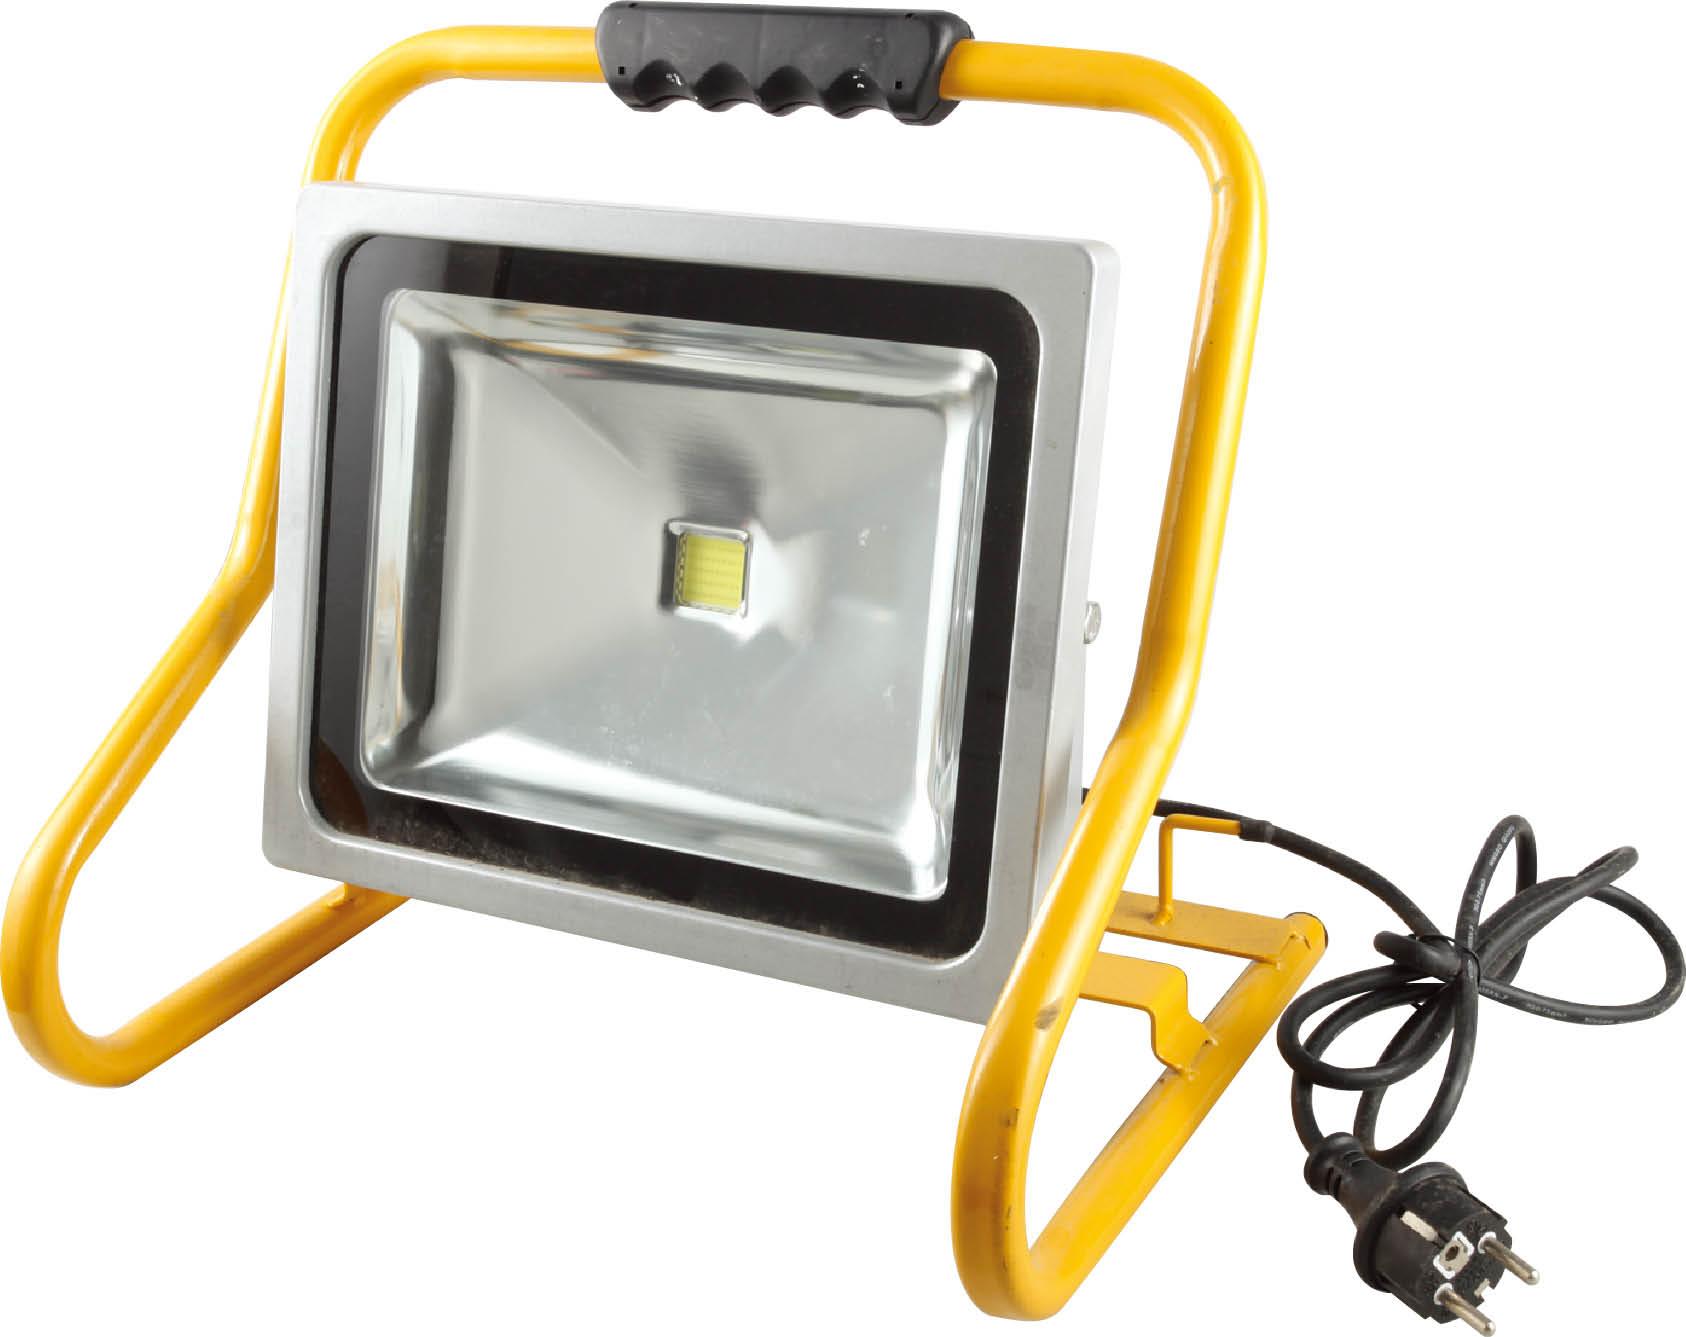 projecteur de chantier led 50w portable ip44 eclairage. Black Bedroom Furniture Sets. Home Design Ideas